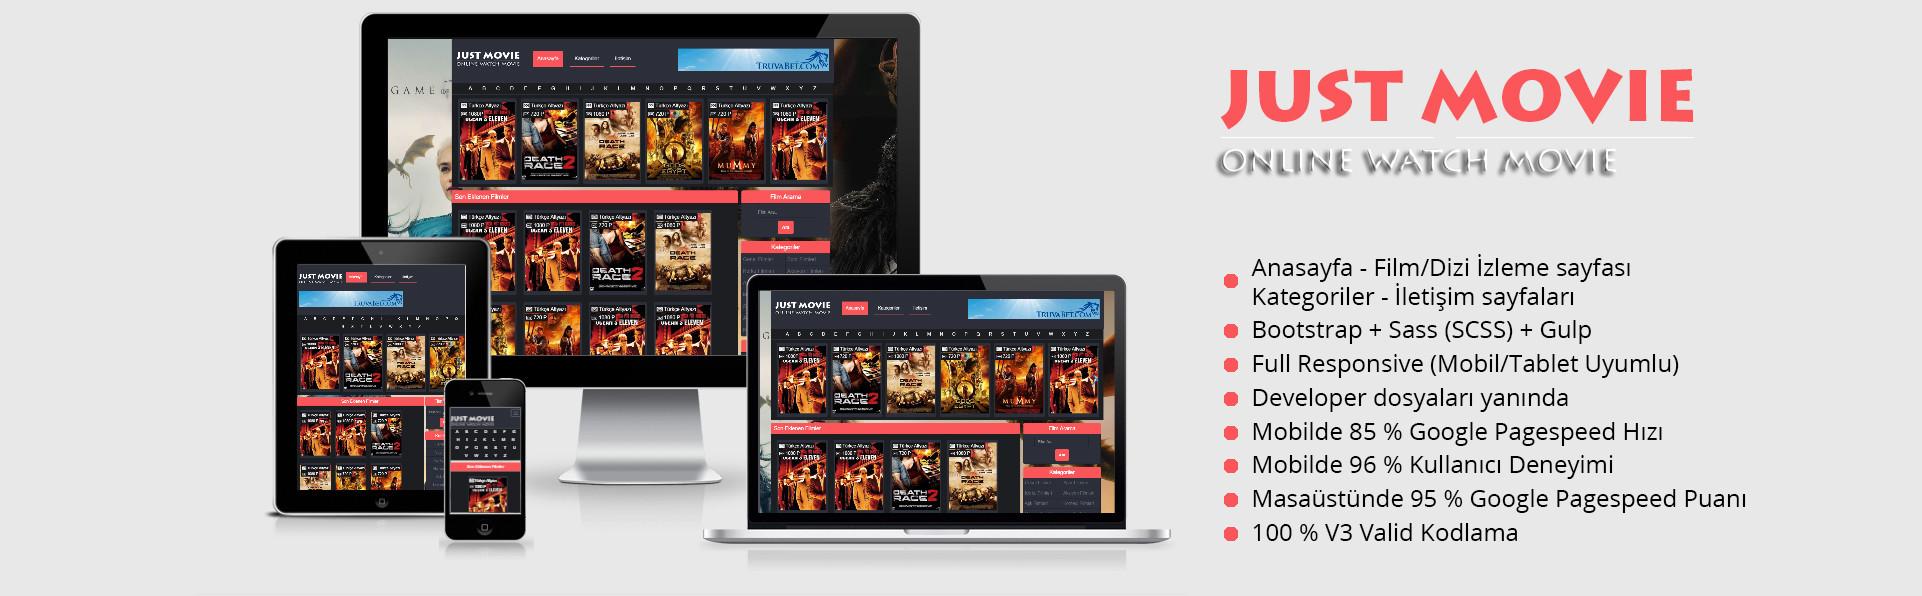 film JustMovie Satış 1